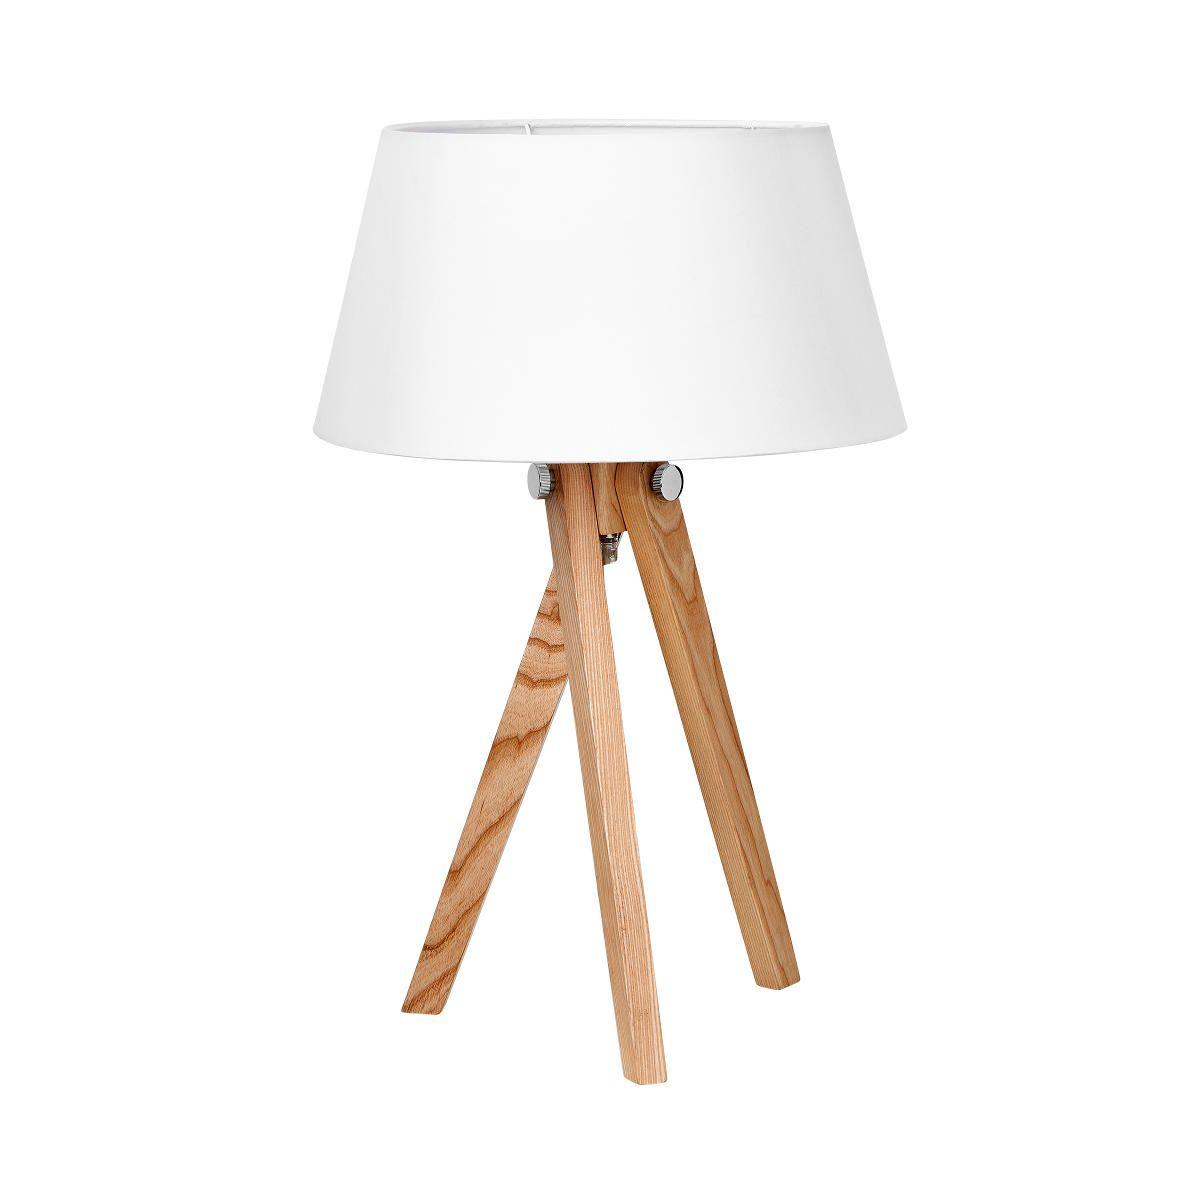 Woodpecker Tischleuchte Mit Holzfuss Butlers Tischleuchte Lampe Holz